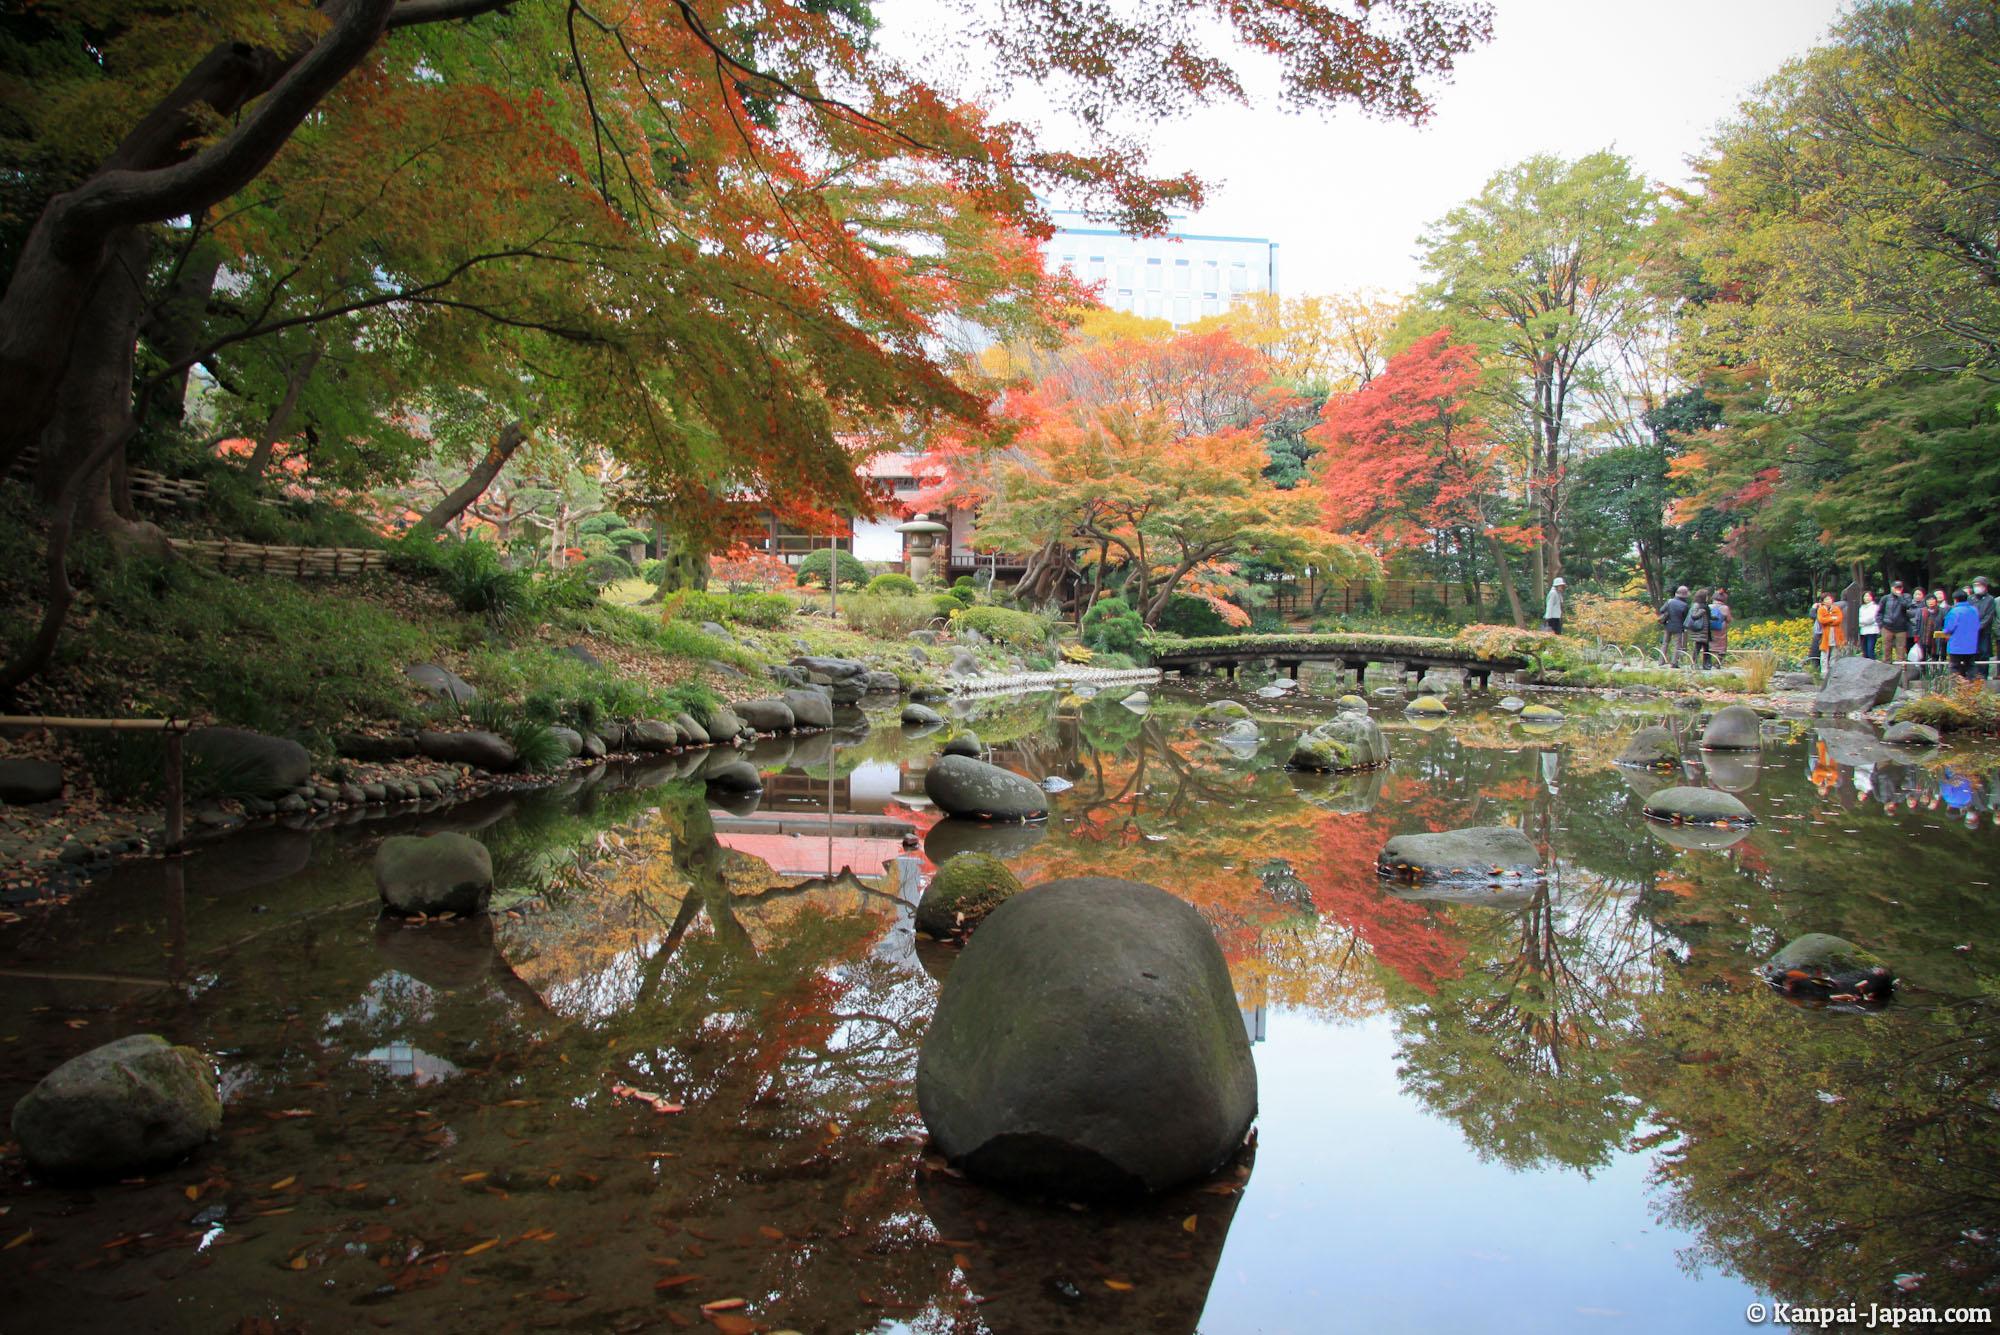 300 Garden Walk: The Japanese Garden Next To Tokyo Dome